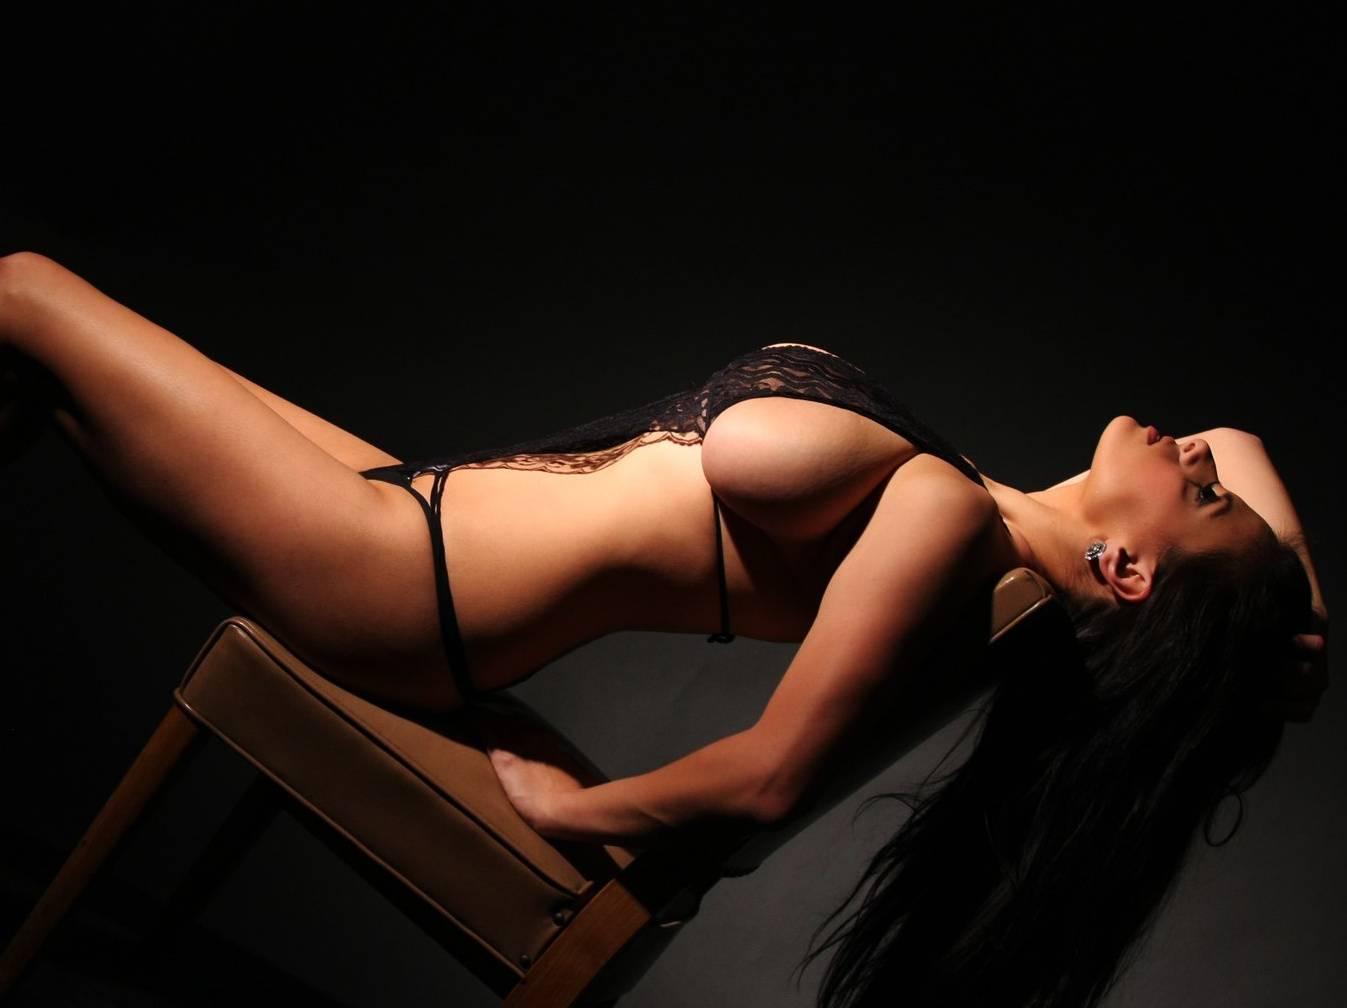 Сеанс эротического массажа – подарок для мужчин